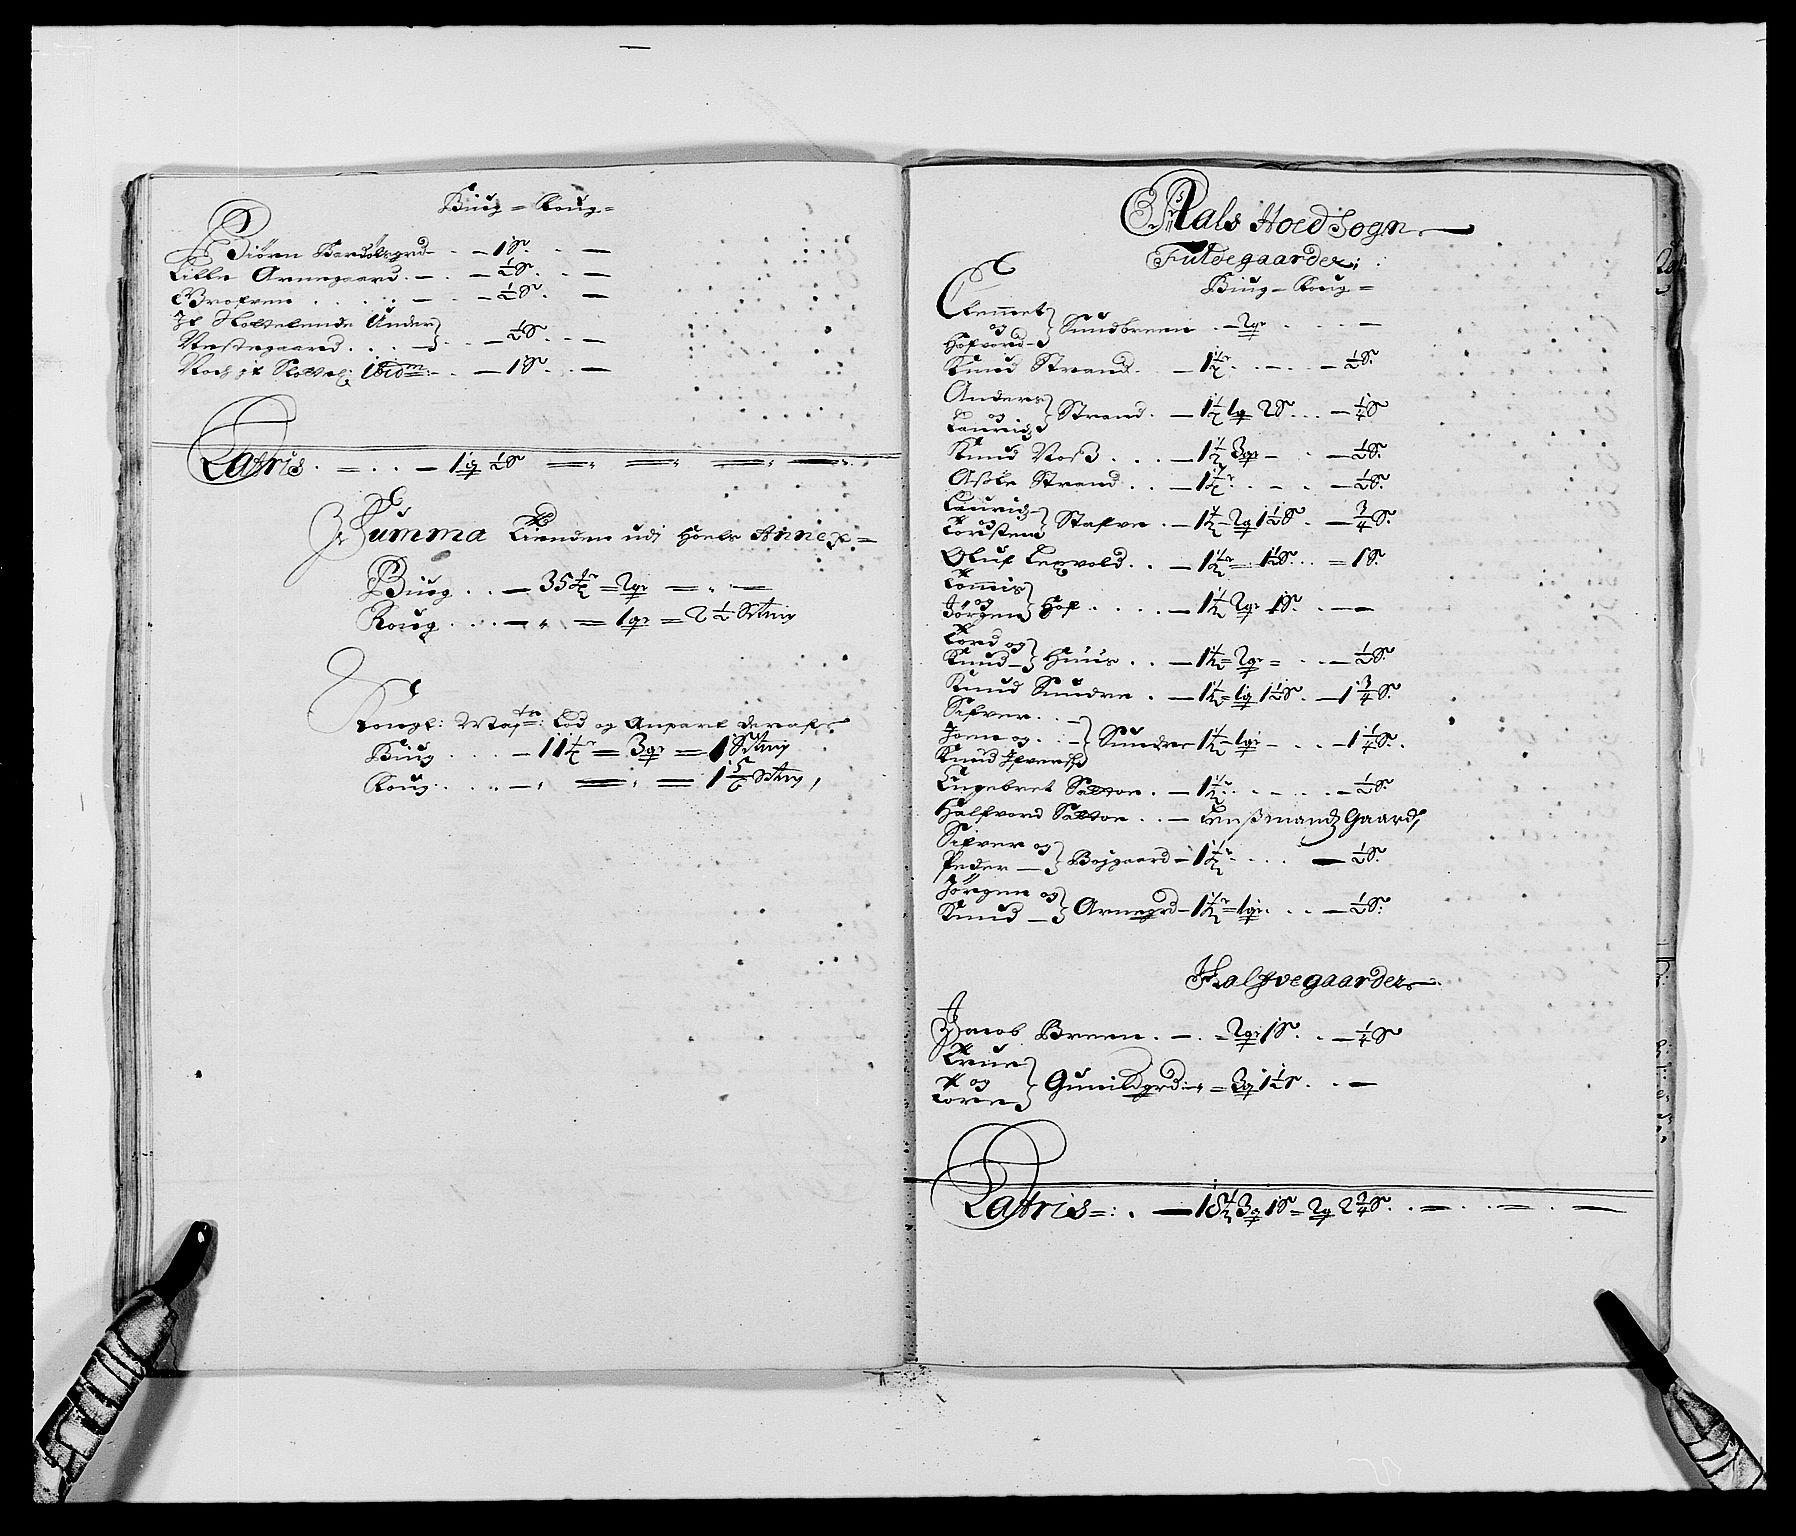 RA, Rentekammeret inntil 1814, Reviderte regnskaper, Fogderegnskap, R21/L1447: Fogderegnskap Ringerike og Hallingdal, 1687-1689, s. 236